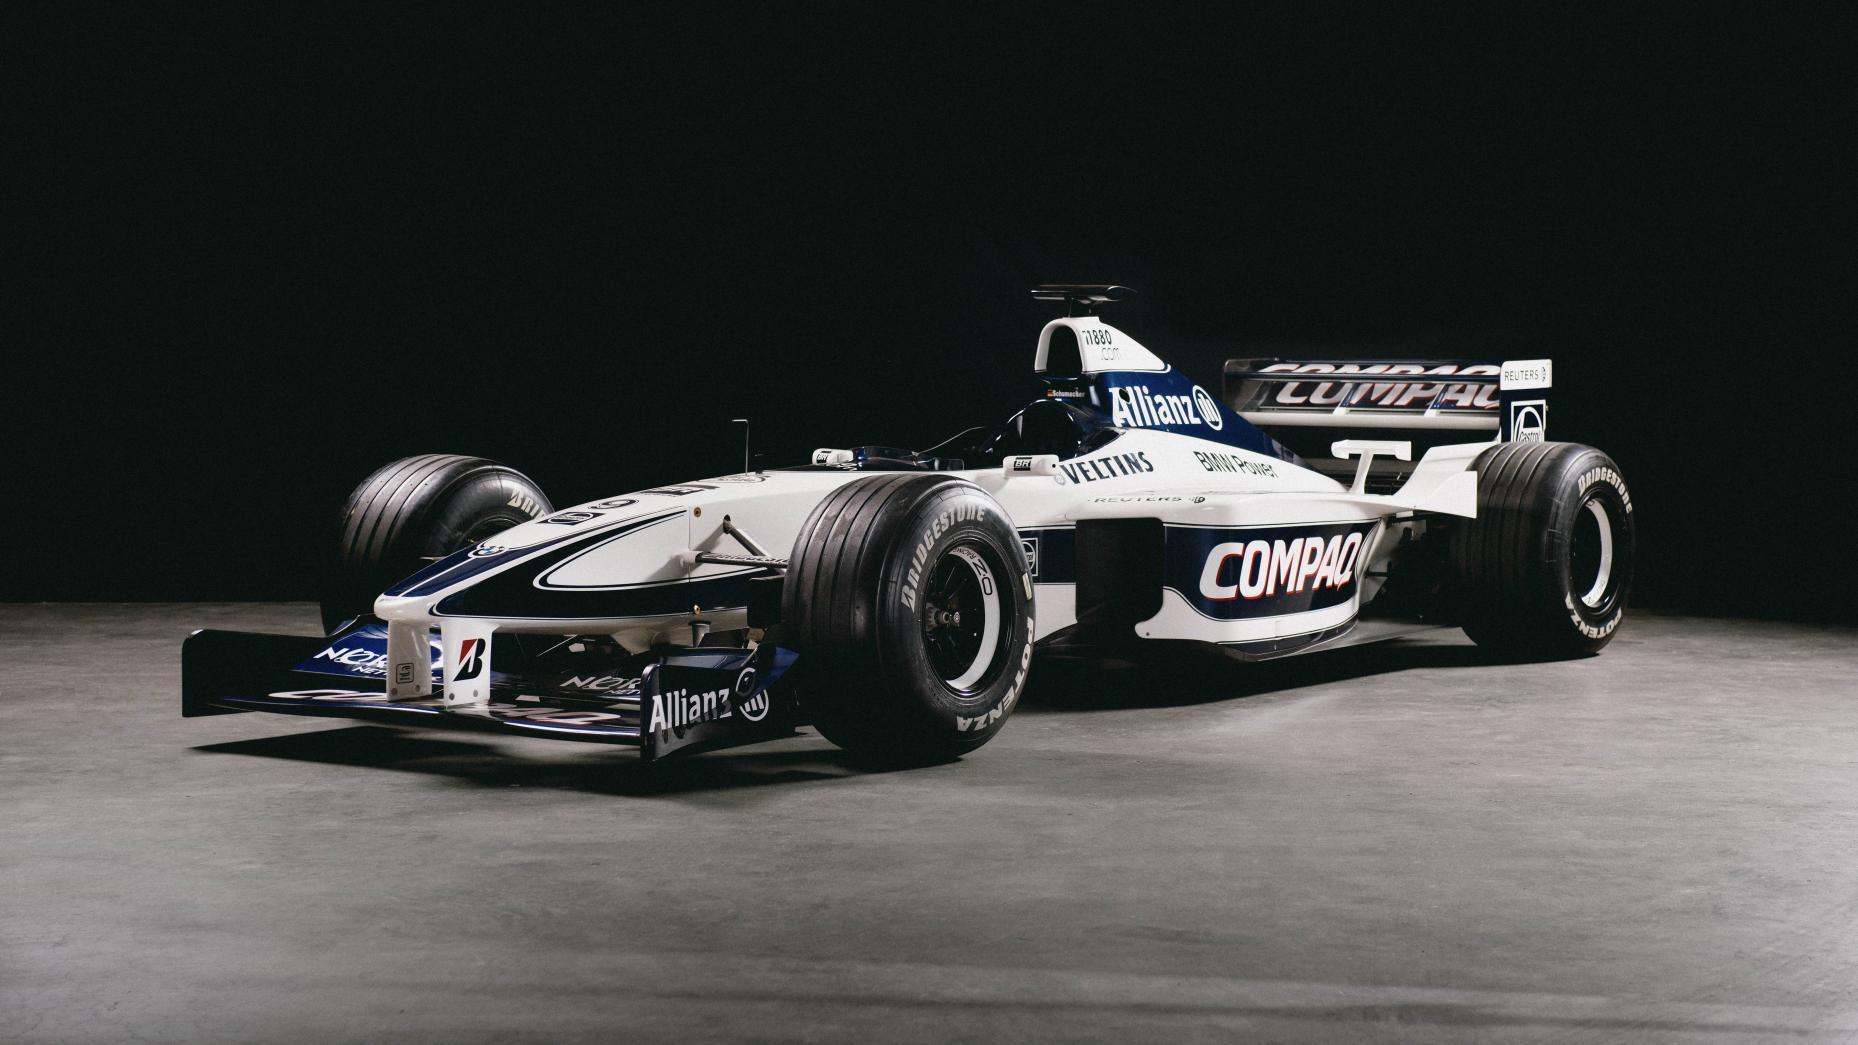 2000 BMW Williams FW22 Formula 1